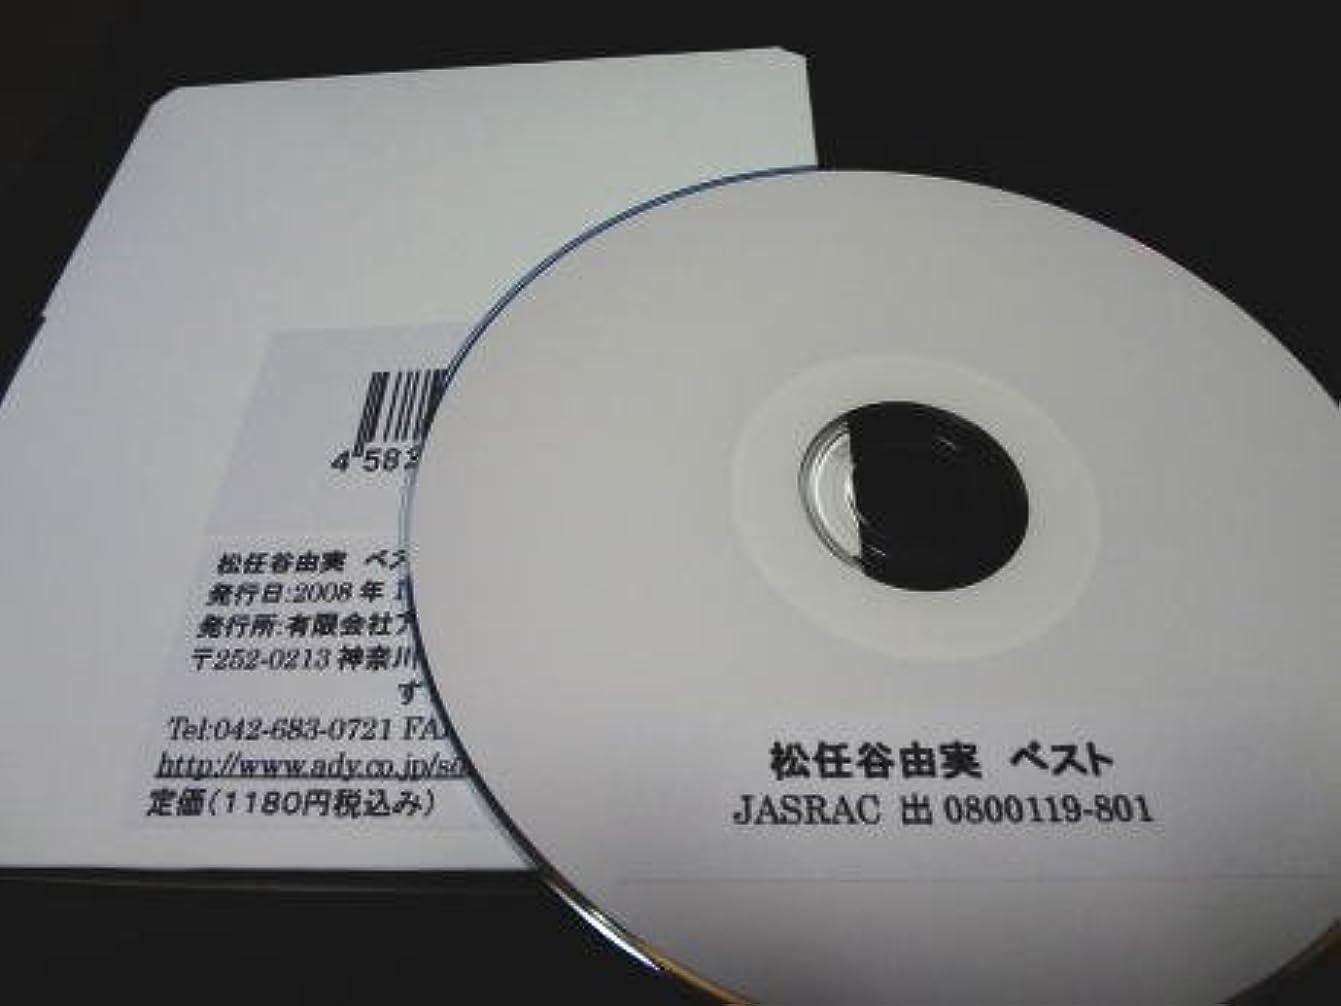 考慮雑品社説ギターコード譜シリーズ(CD-R版)/松任谷由実 ベスト 全140曲収録